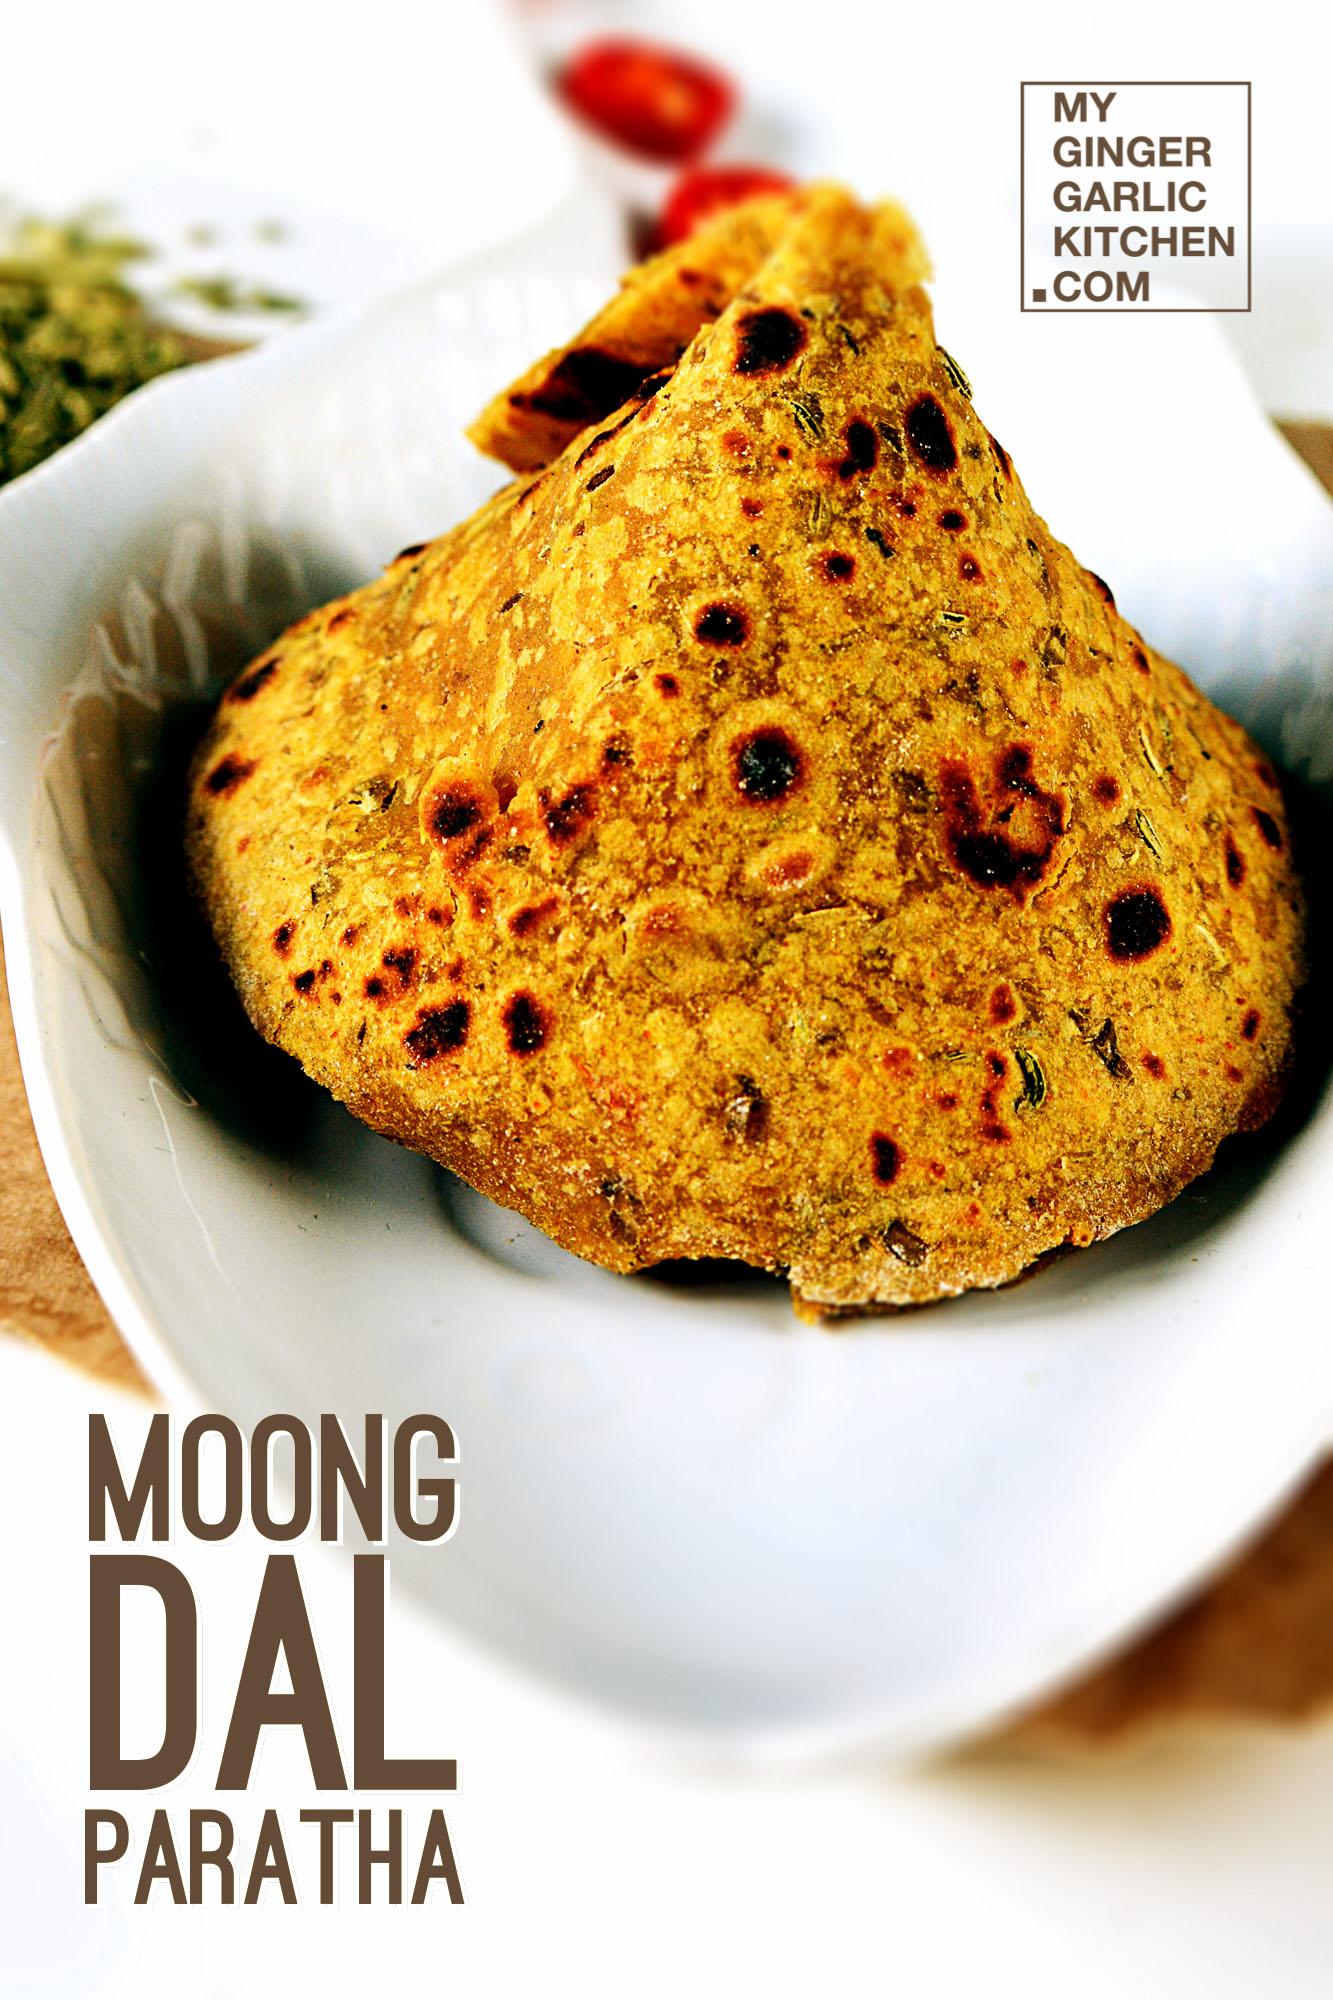 Image - recipe moon dal paratha anupama paliwal my ginger garlic kitchen 2 copy